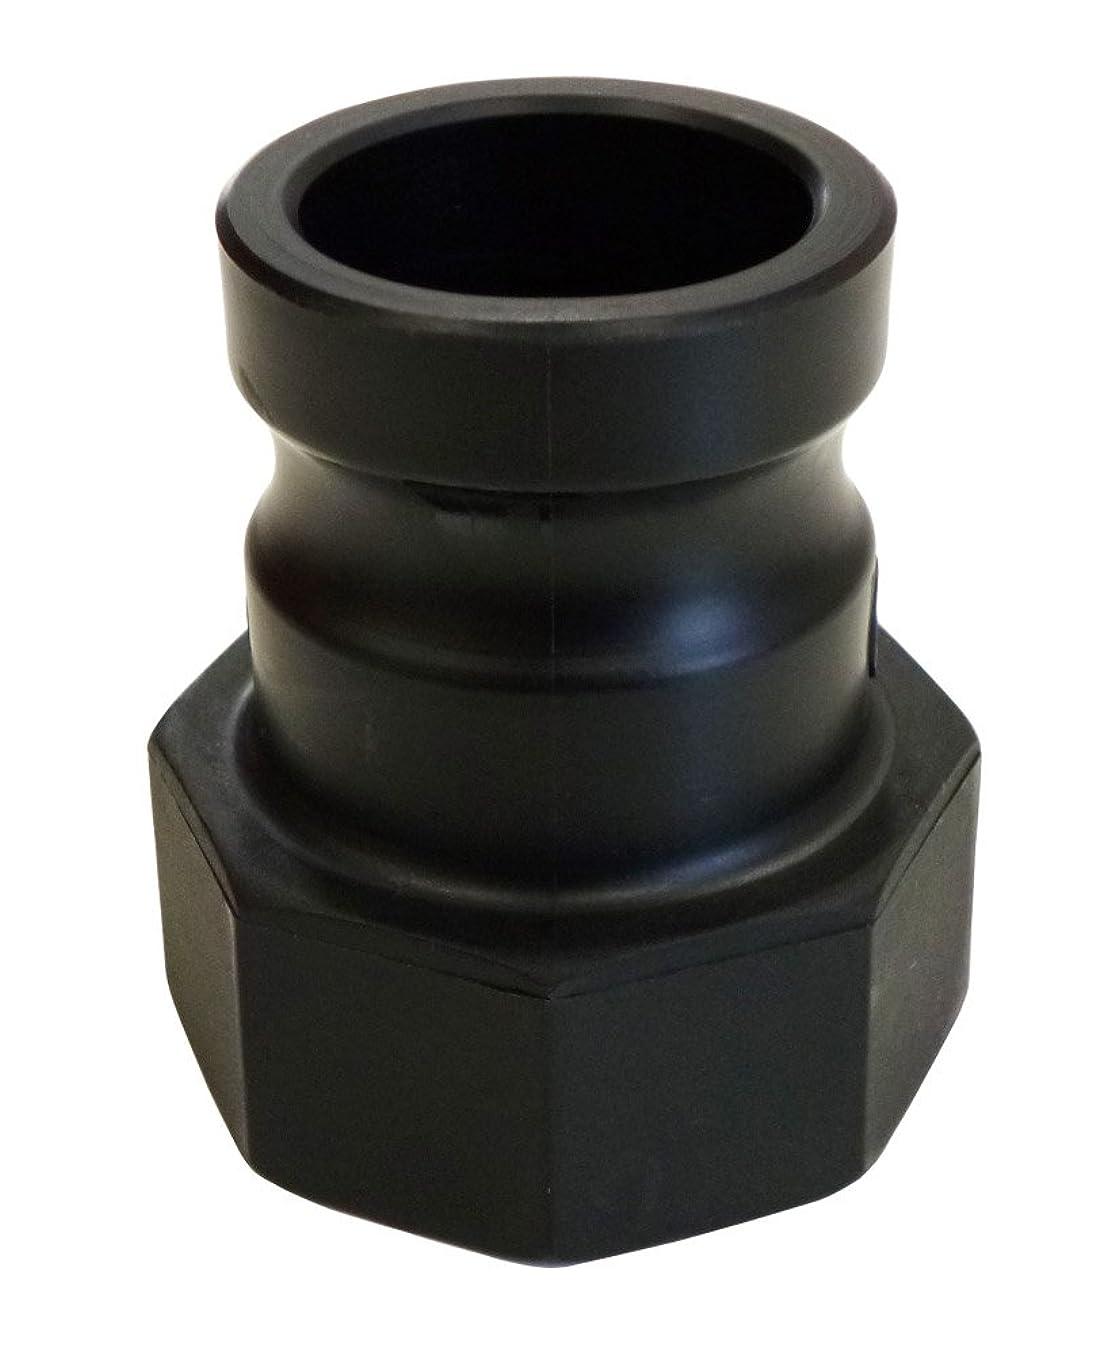 うそつき牧師偏見スイデン NGカムロックカップリング A(オス)部品 25mm (1インチ) No.0002009020